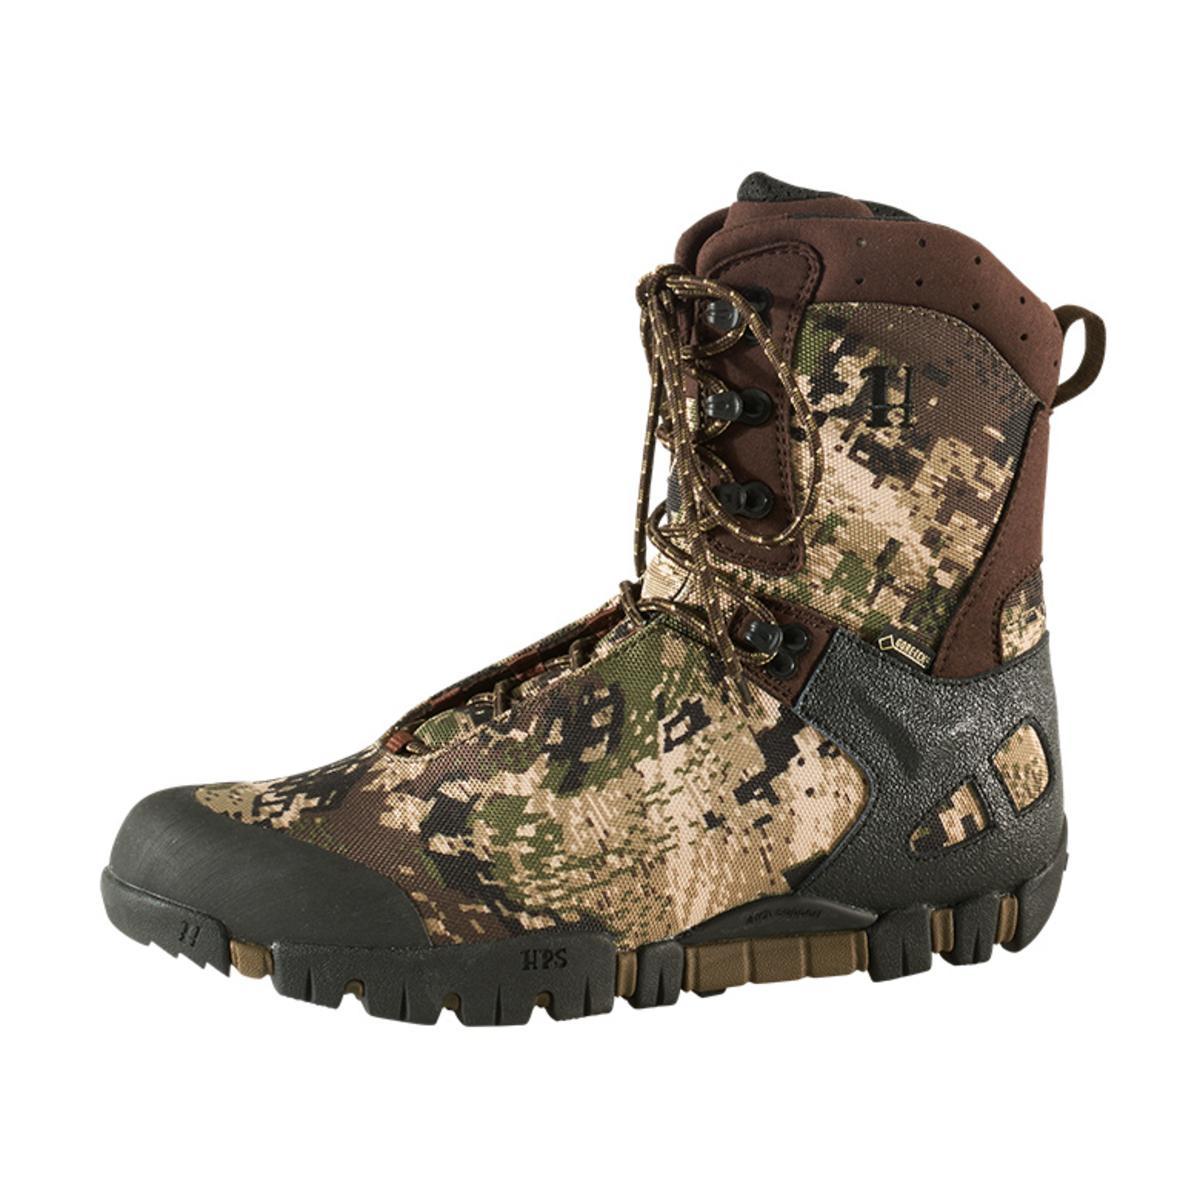 Harkila Woodsman GTX Walking Boots